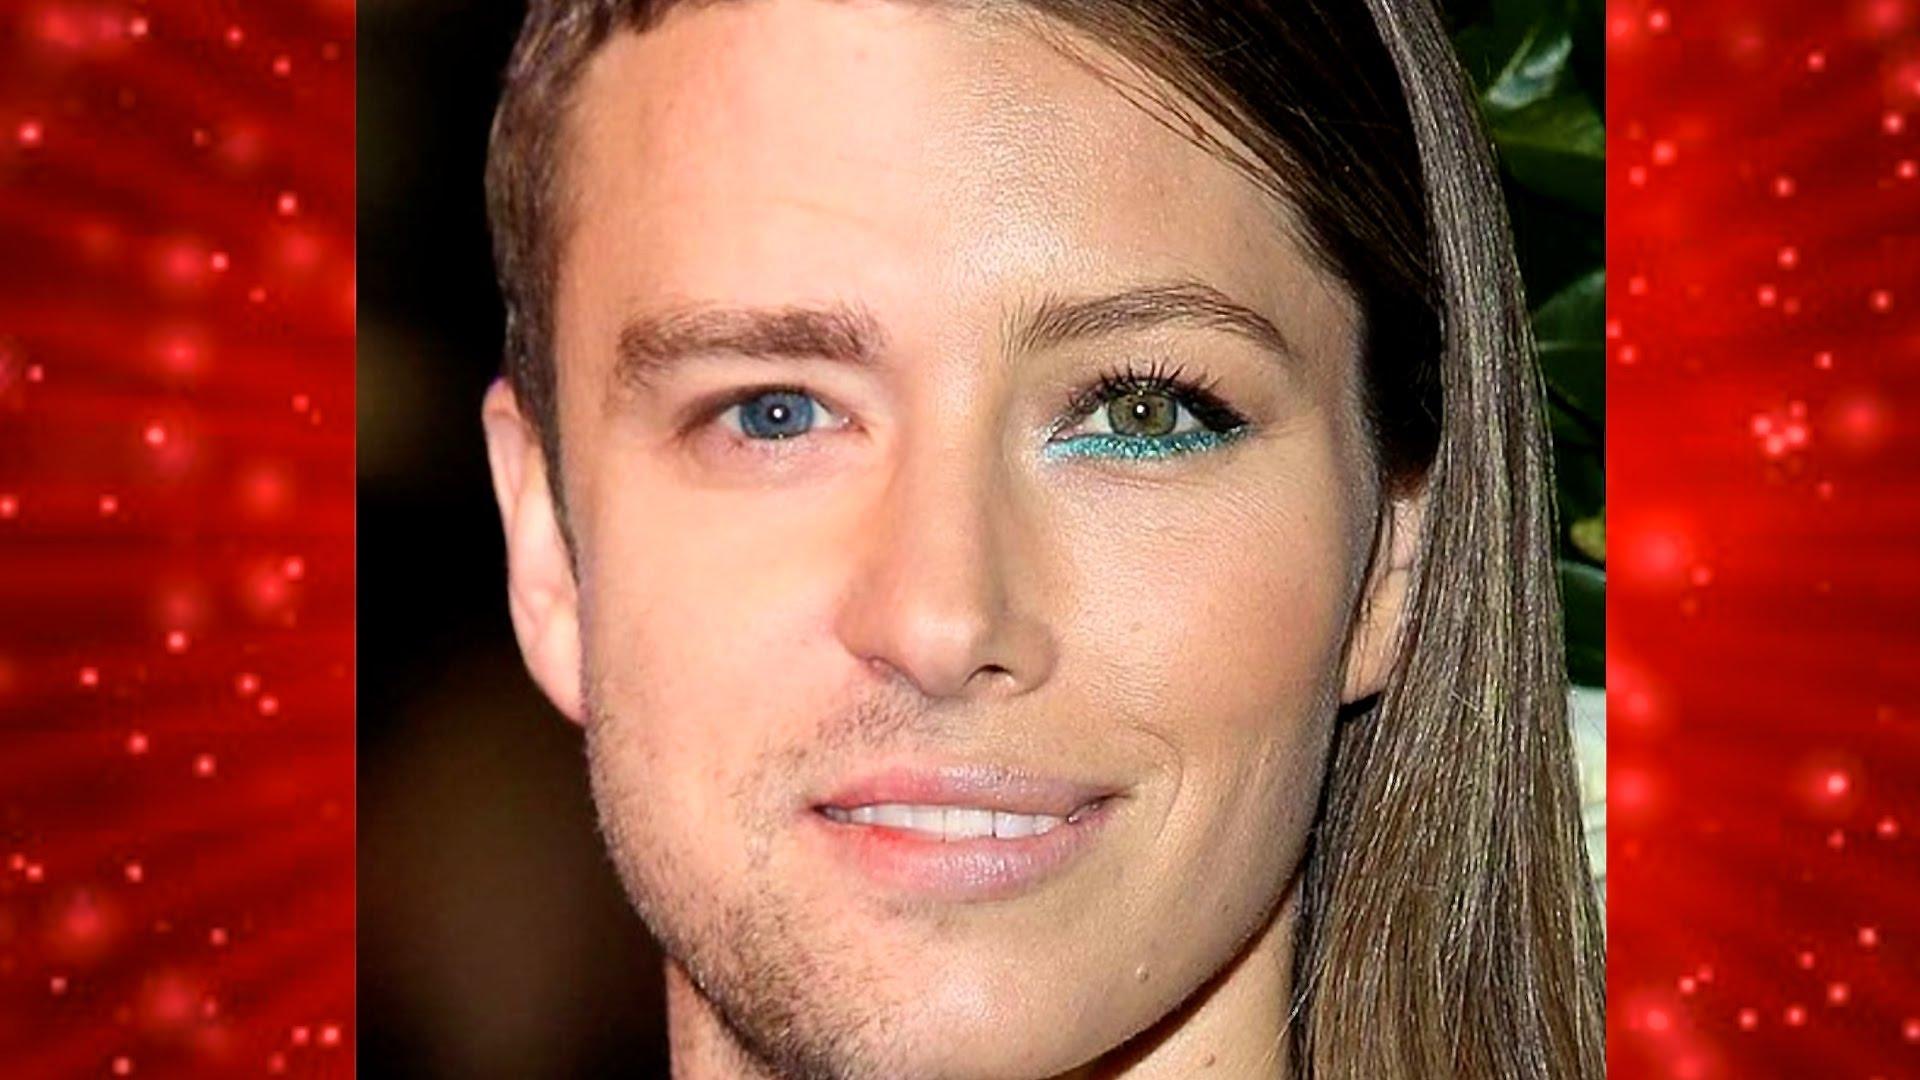 10 kuulsuste paari, kes on suhtes ühte nägu läinud